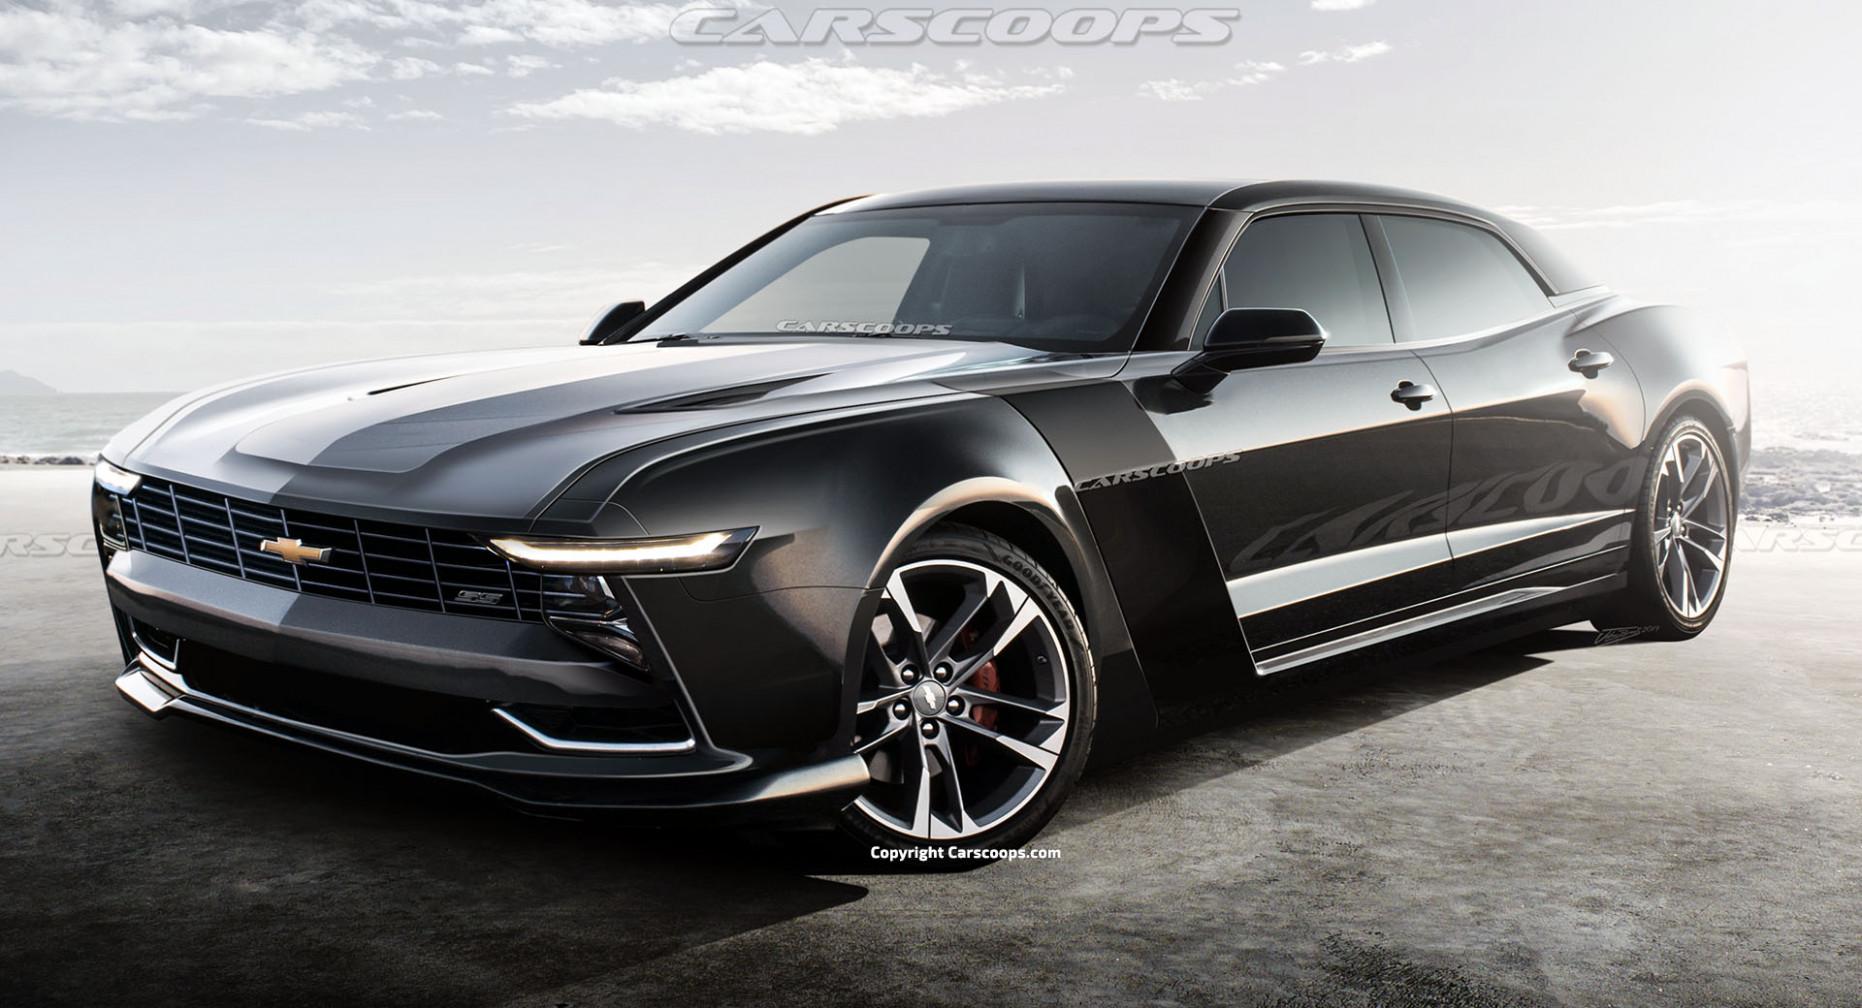 Exterior 2022 Chevy Impala SS